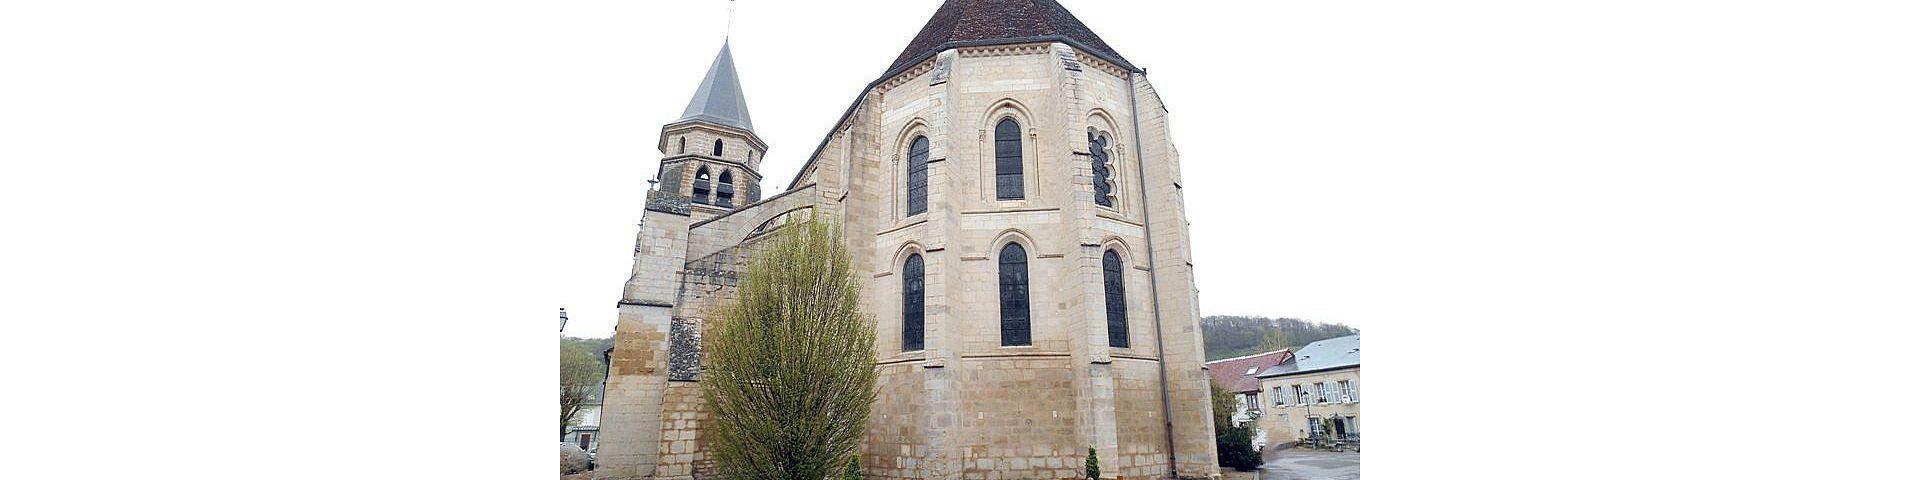 Prémery - Eglise (58)